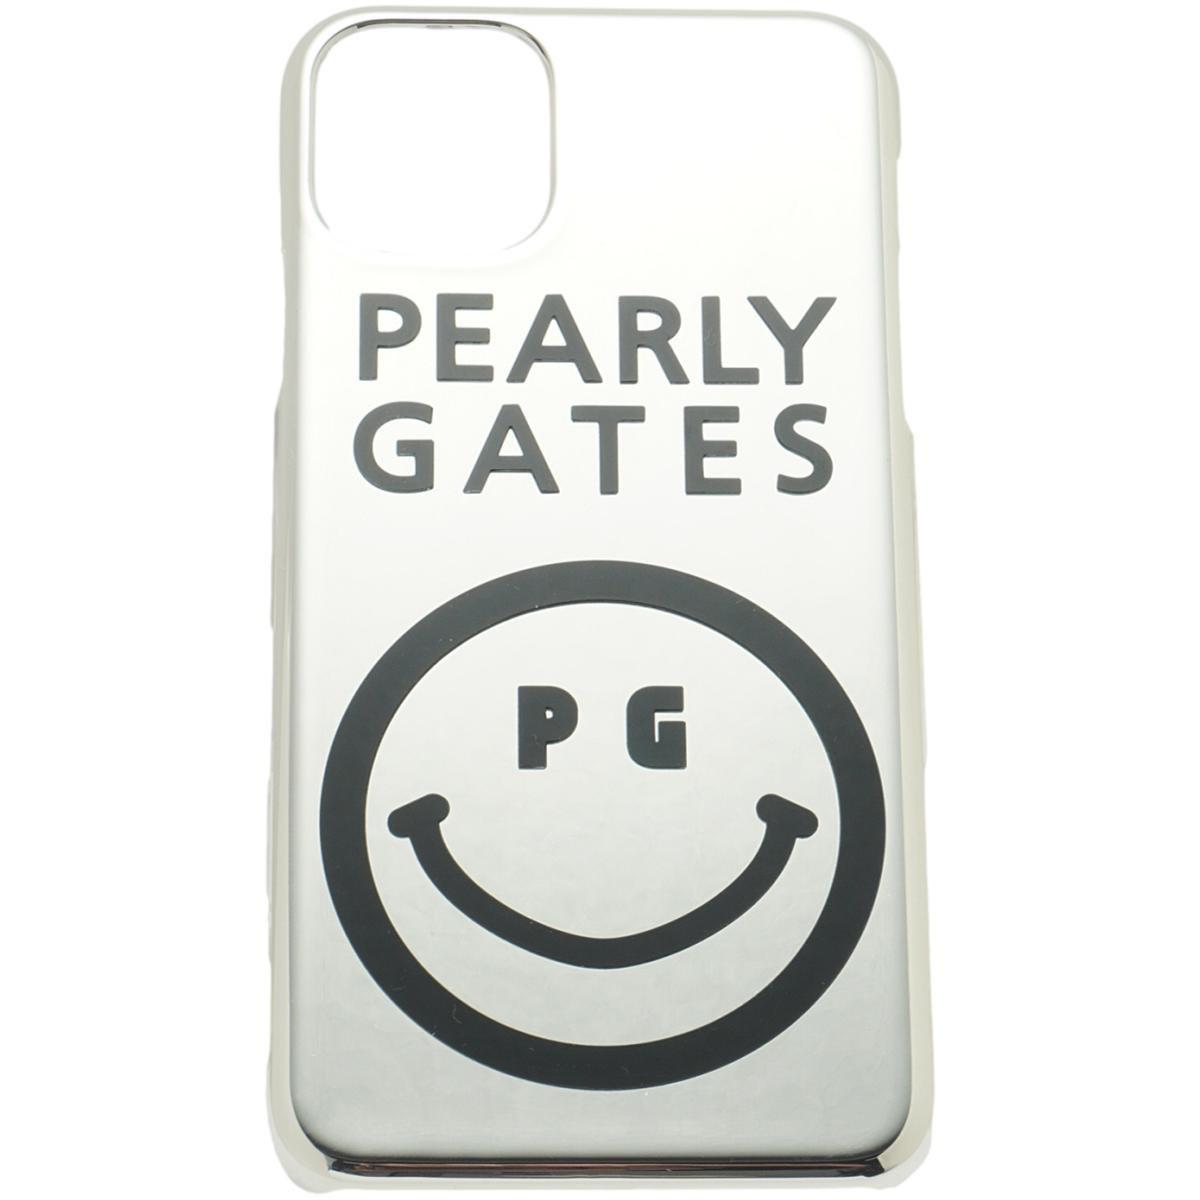 [2020年モデル] パーリーゲイツ PEARLY GATES ニコちゃん iPhone11proMax対応ケース シルバー 160 ゴルフ